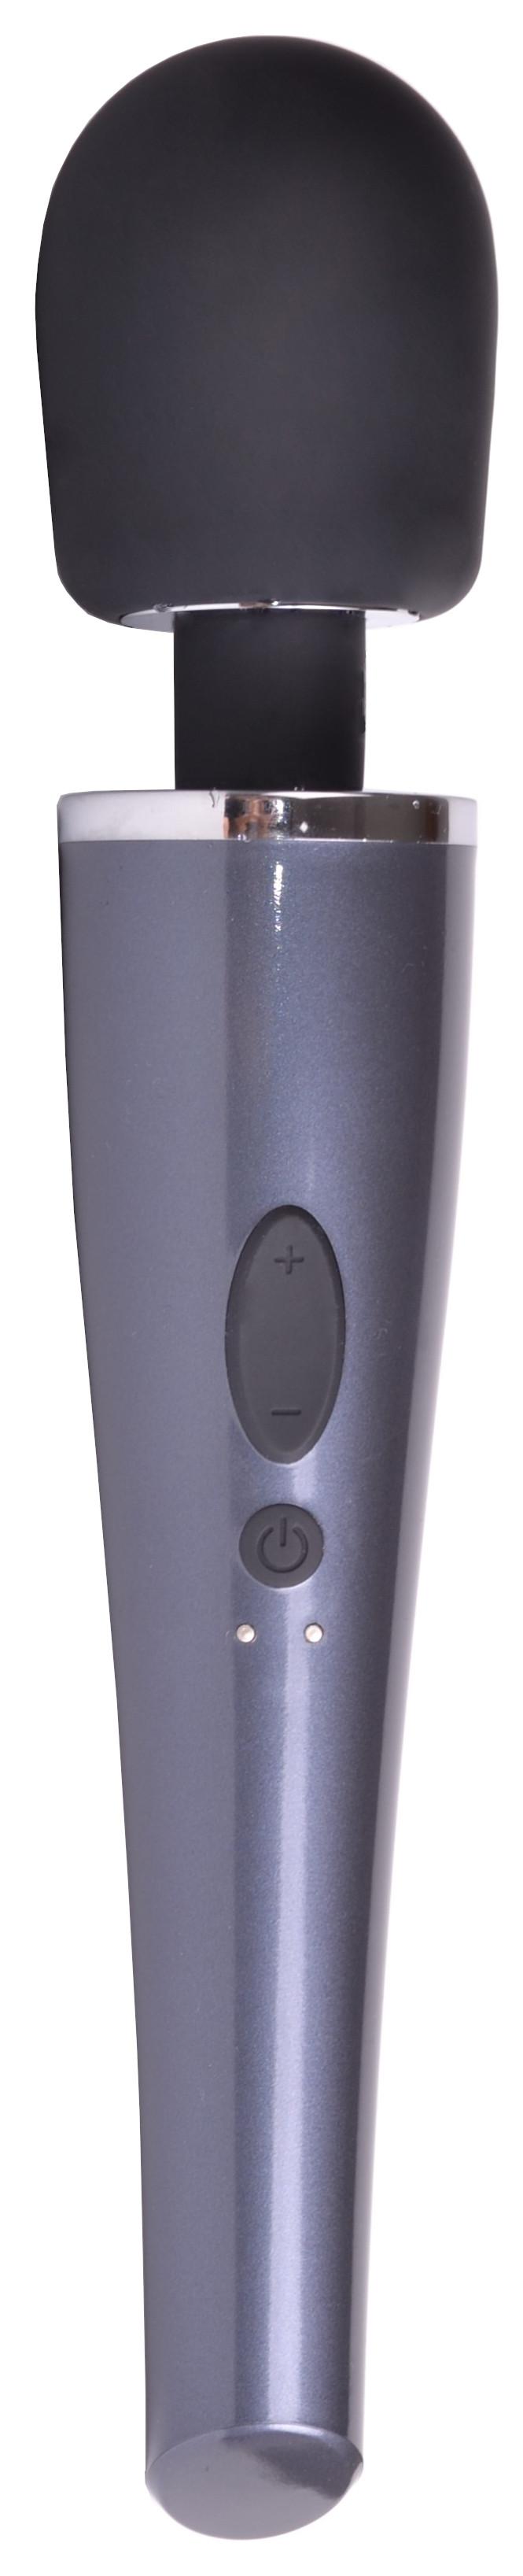 Masážní hlavice AkuWand 2 + dárek dezinfekce Toycleaner 75 ml